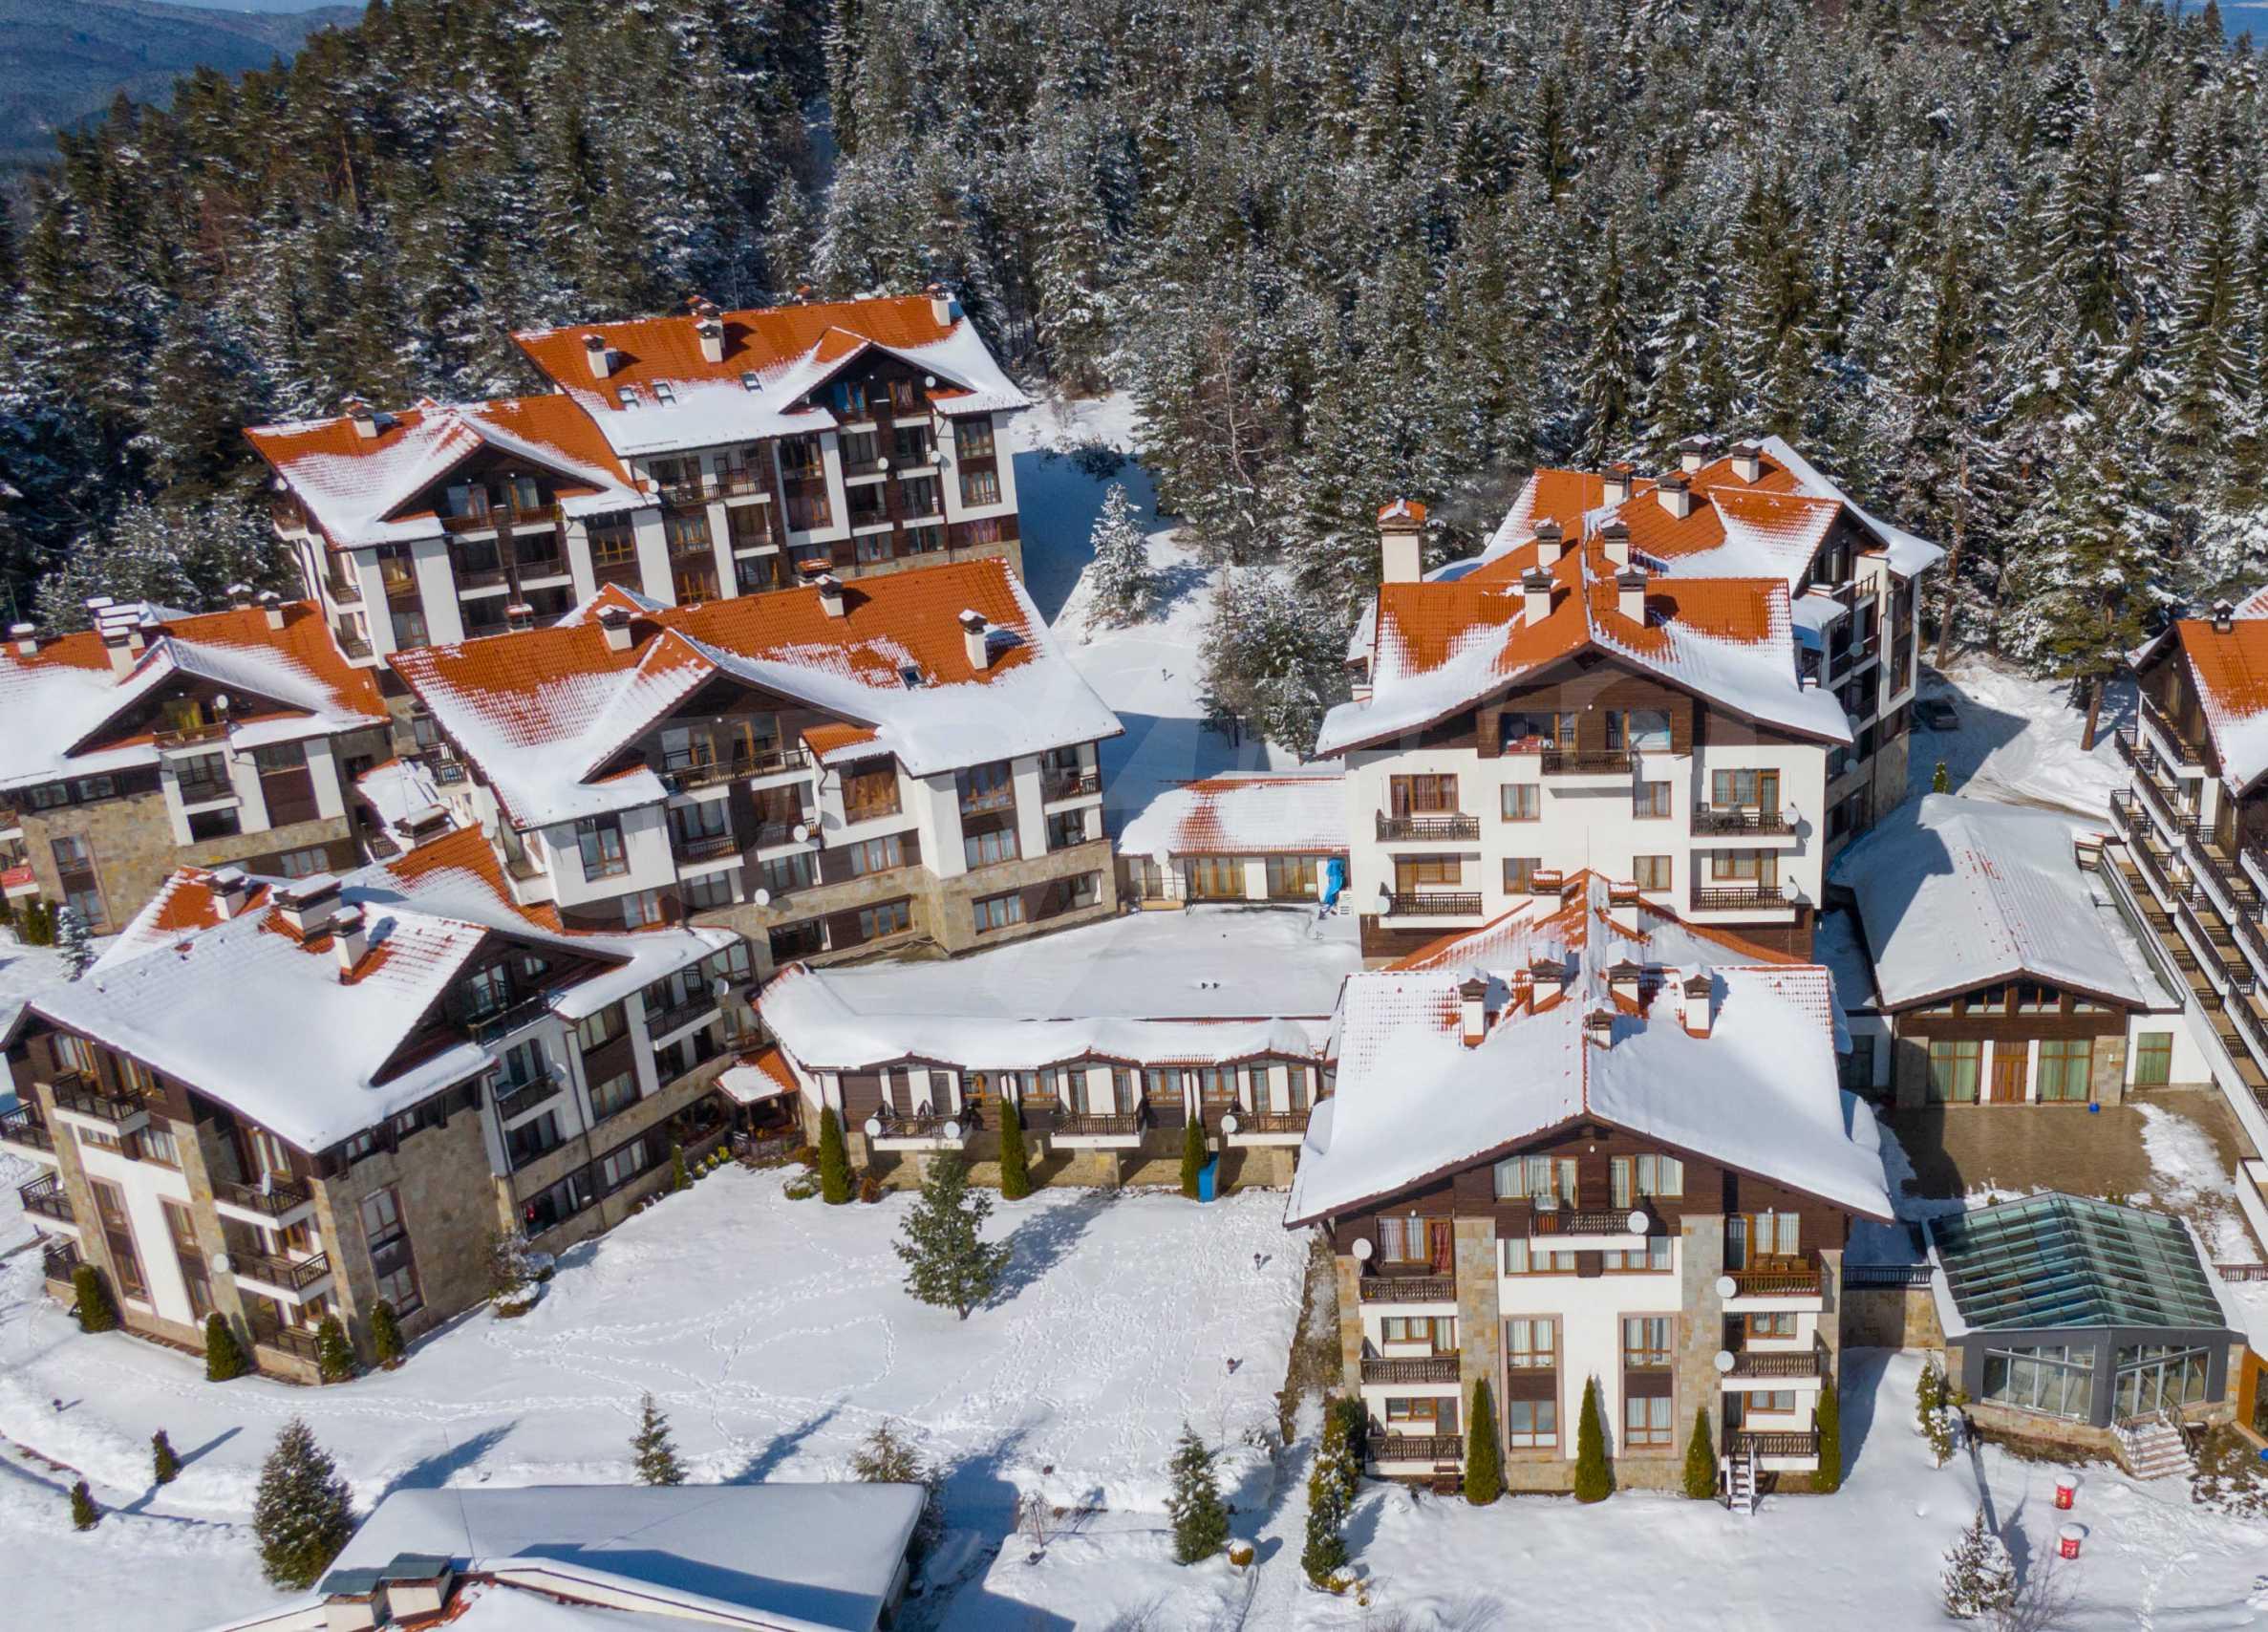 Erstklassige Wohnungen zum Verkauf Meter von der Yastrebets-Strecke in Borovets entfernt 12